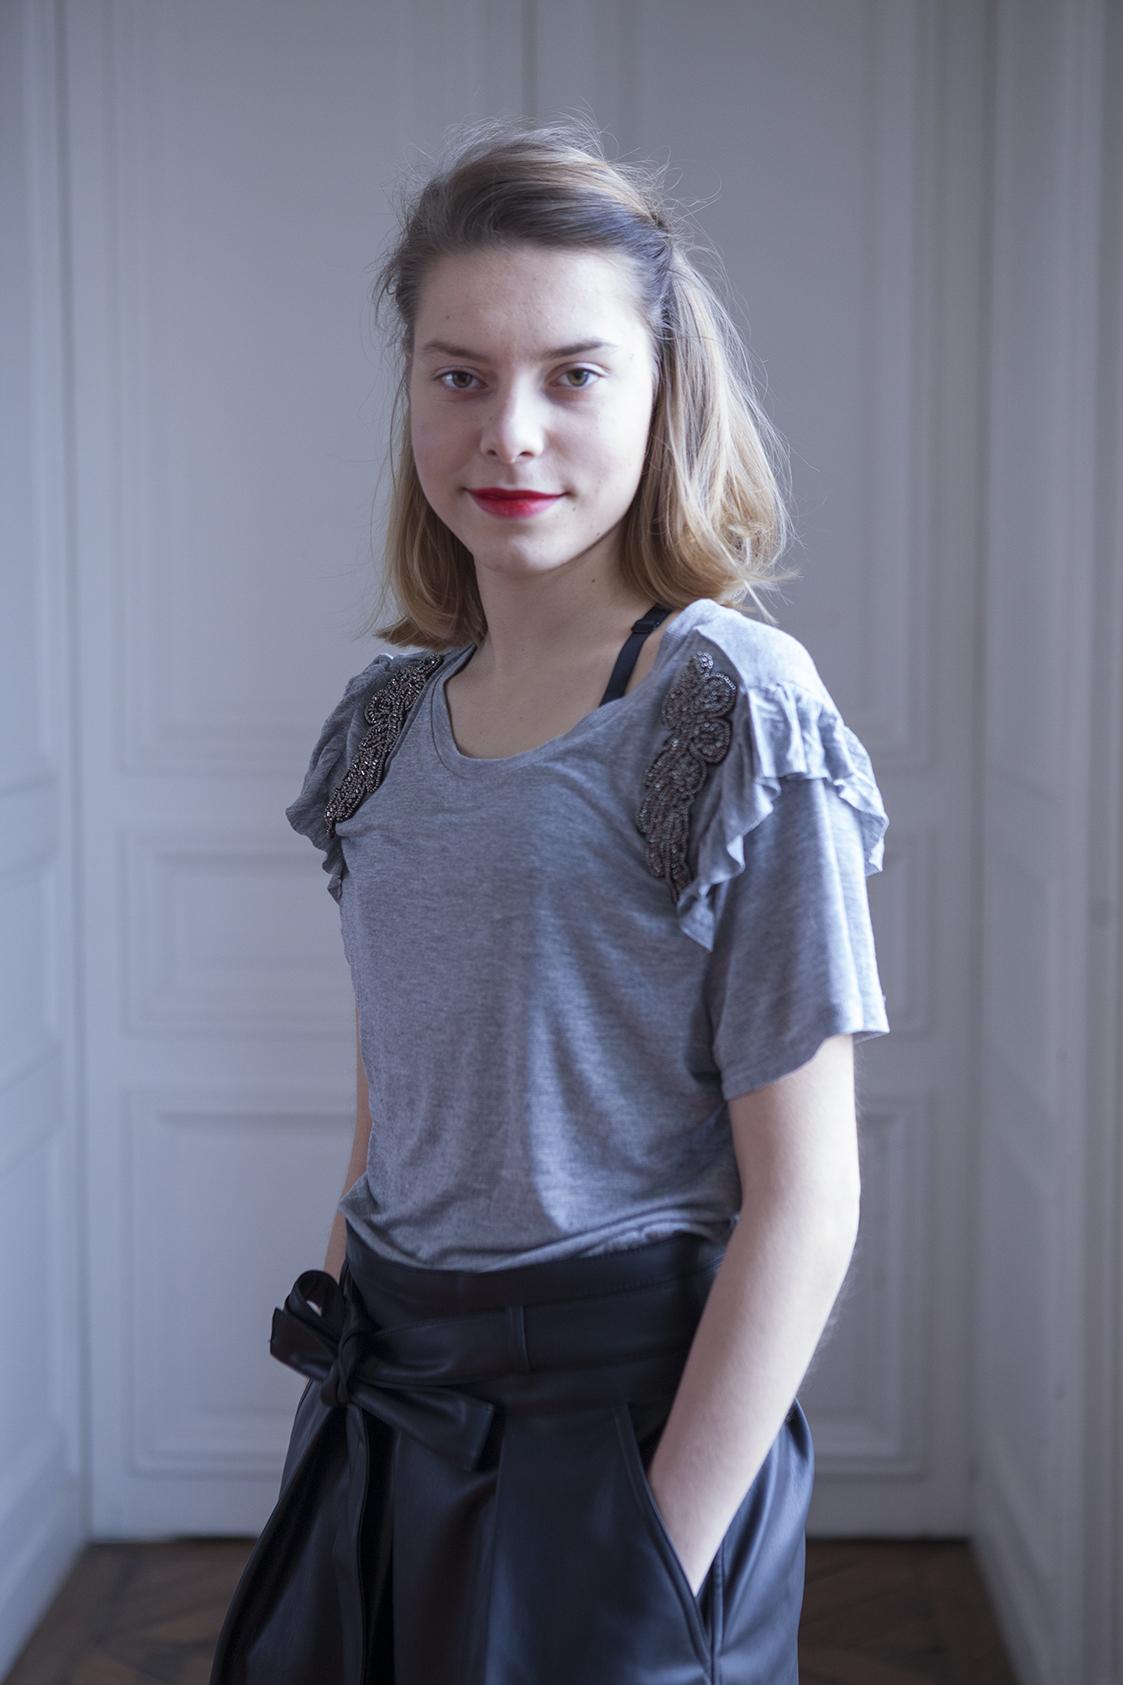 Julie Saint-Clair